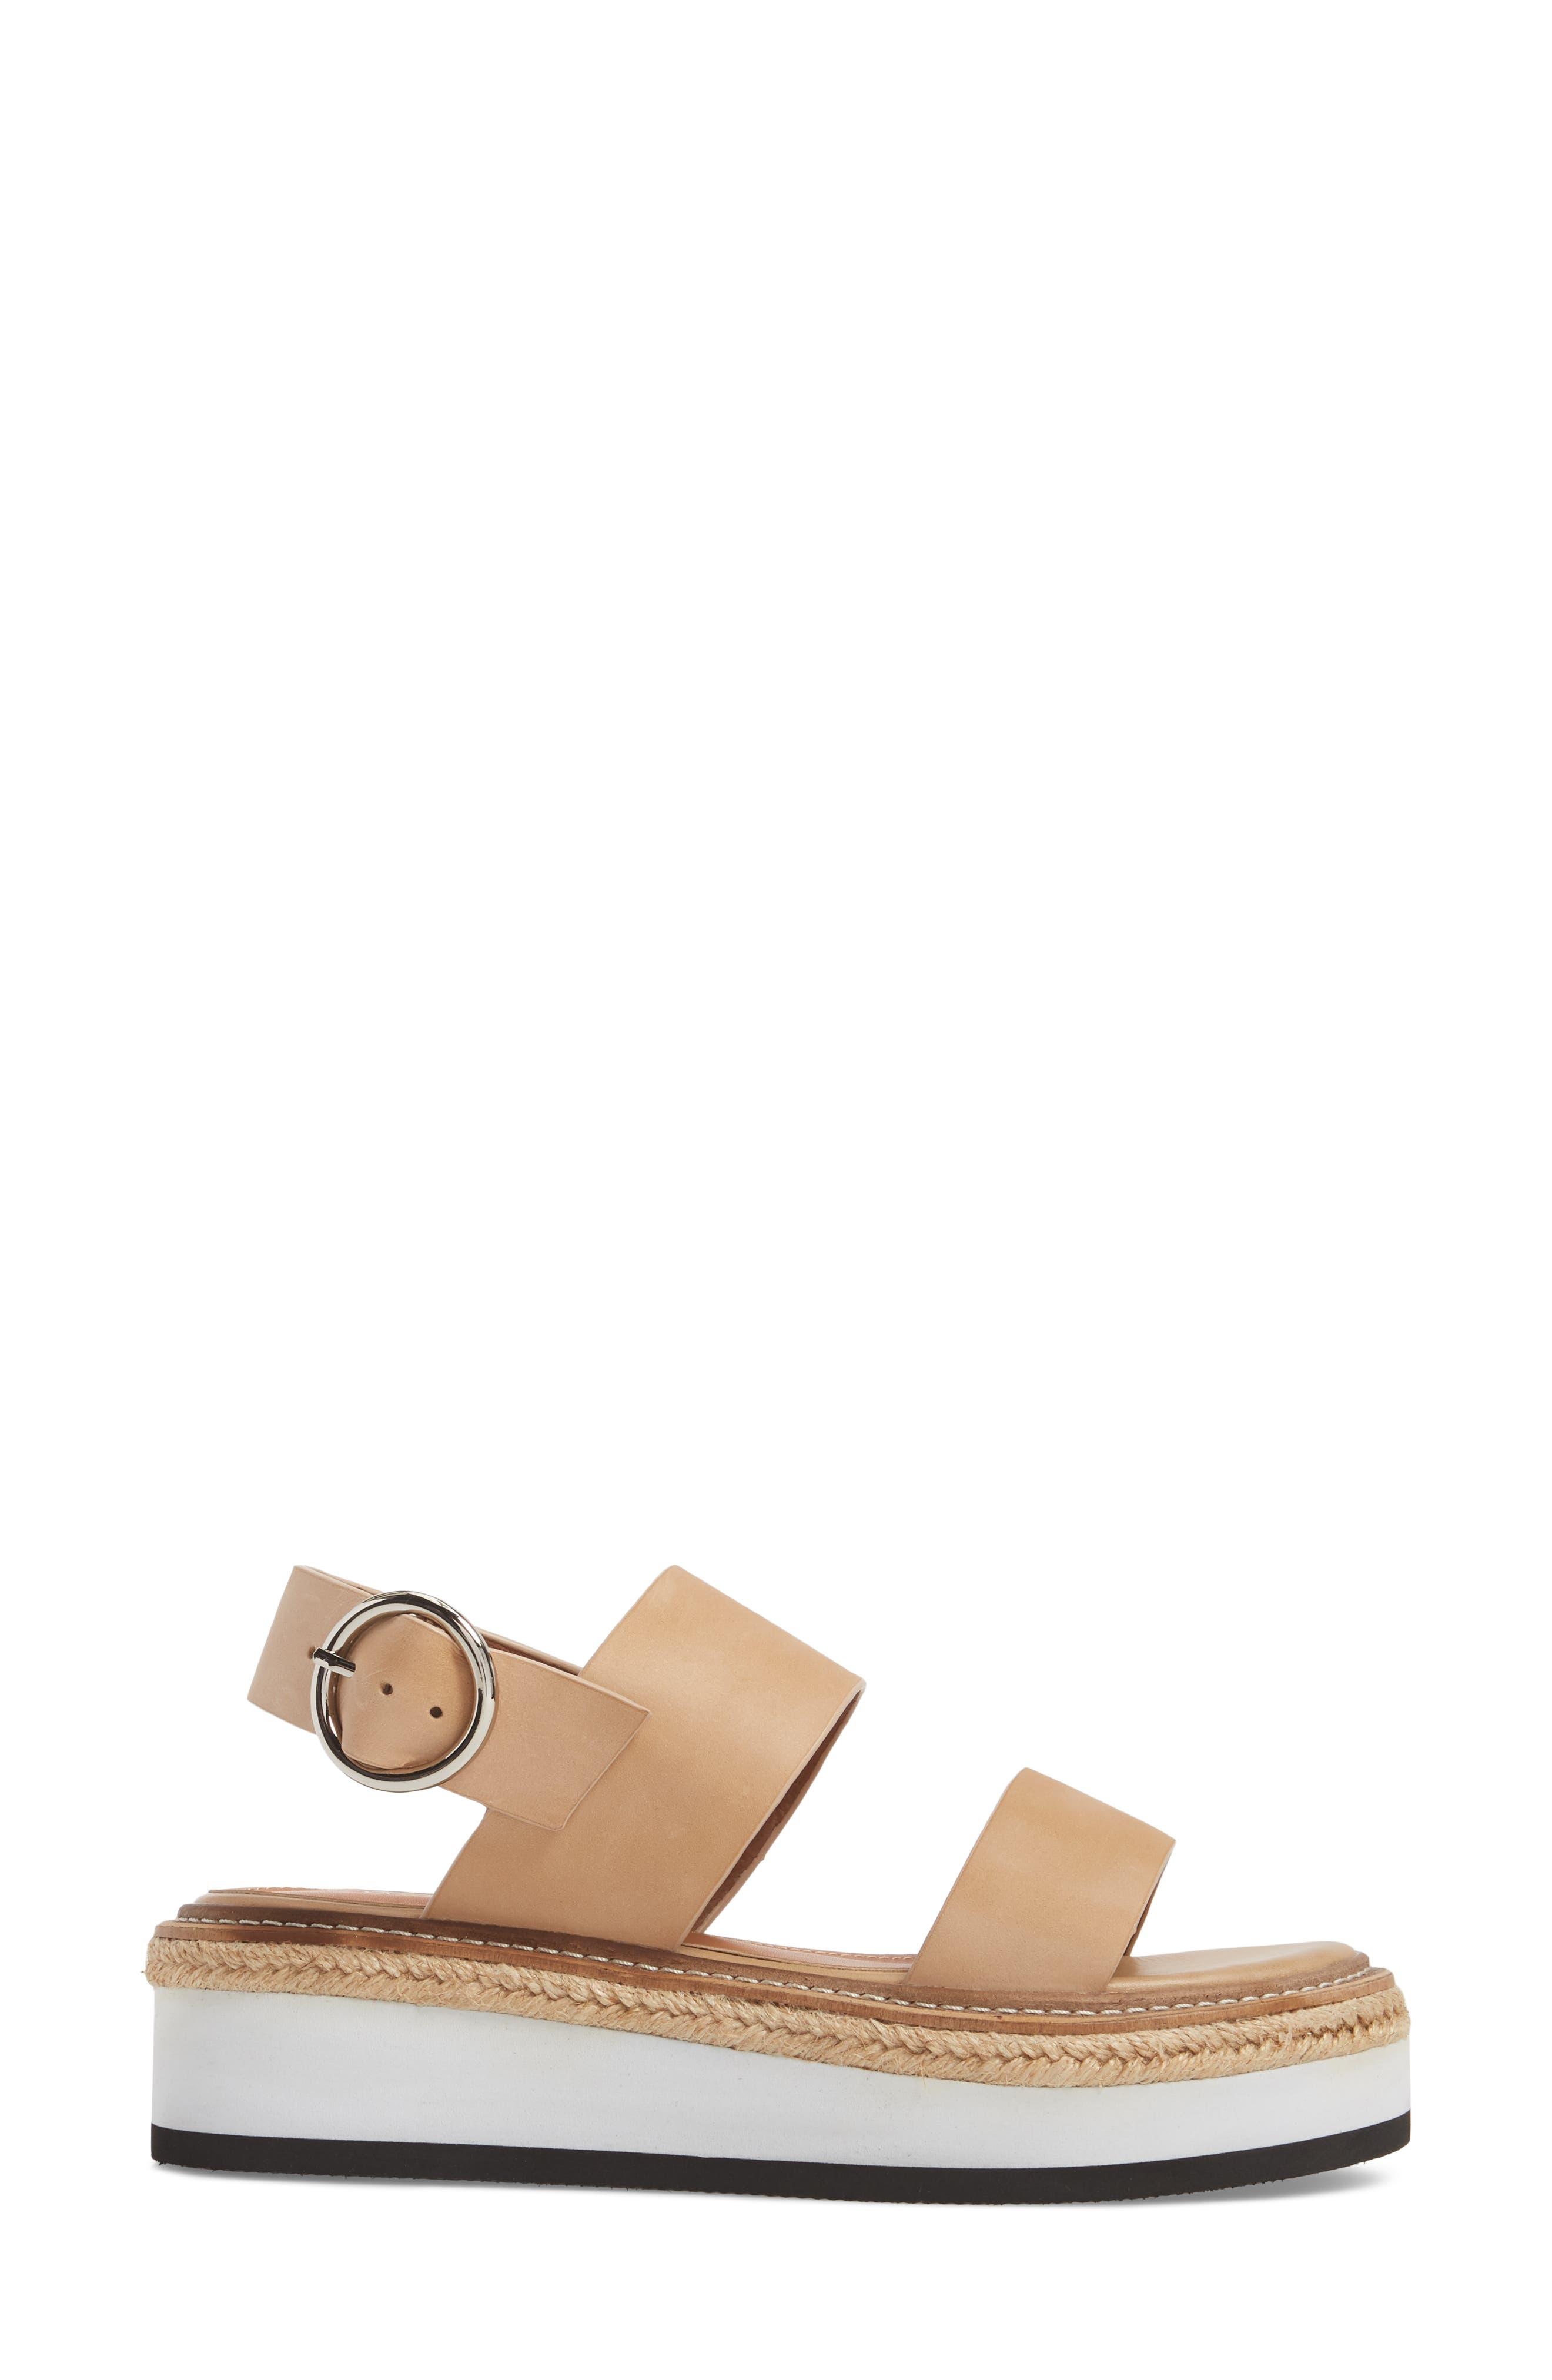 Niche Platform Sandal,                             Alternate thumbnail 6, color,